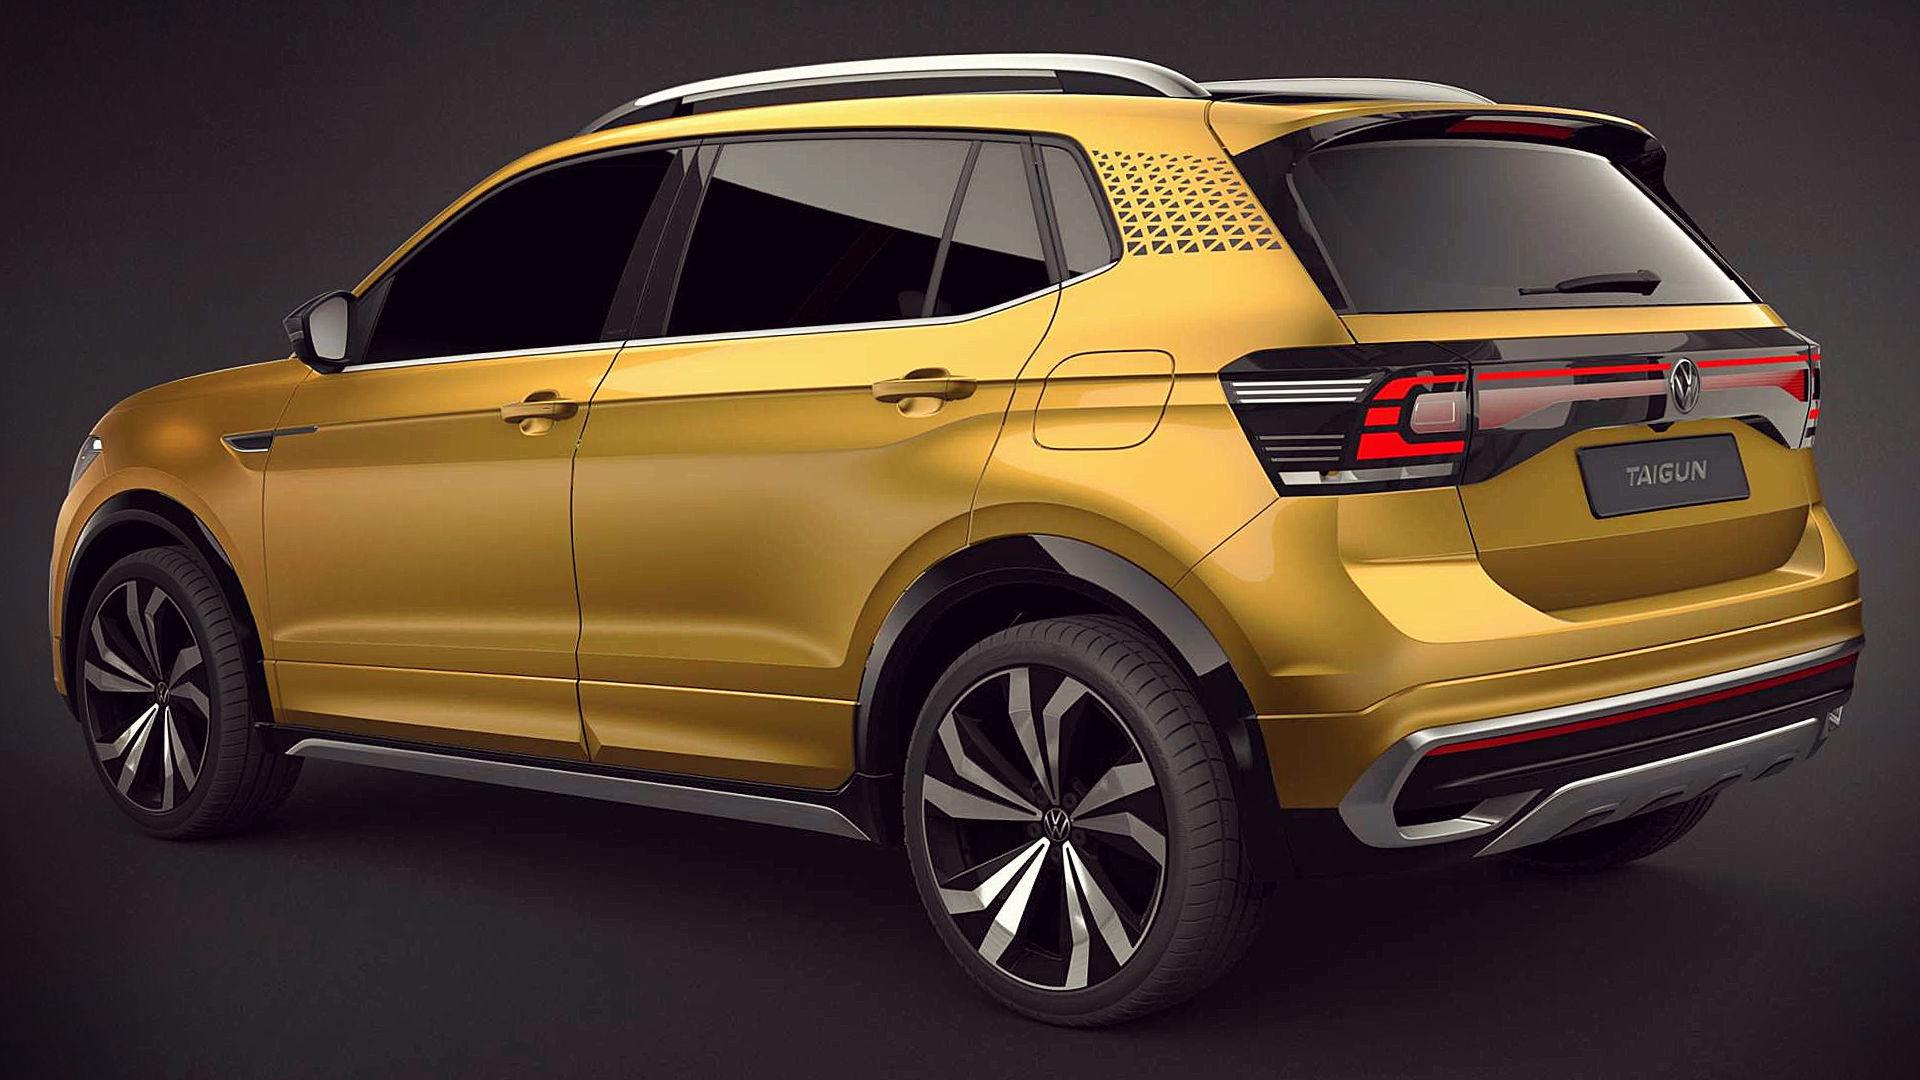 2021 Volkswagen Taigun Wallpaper